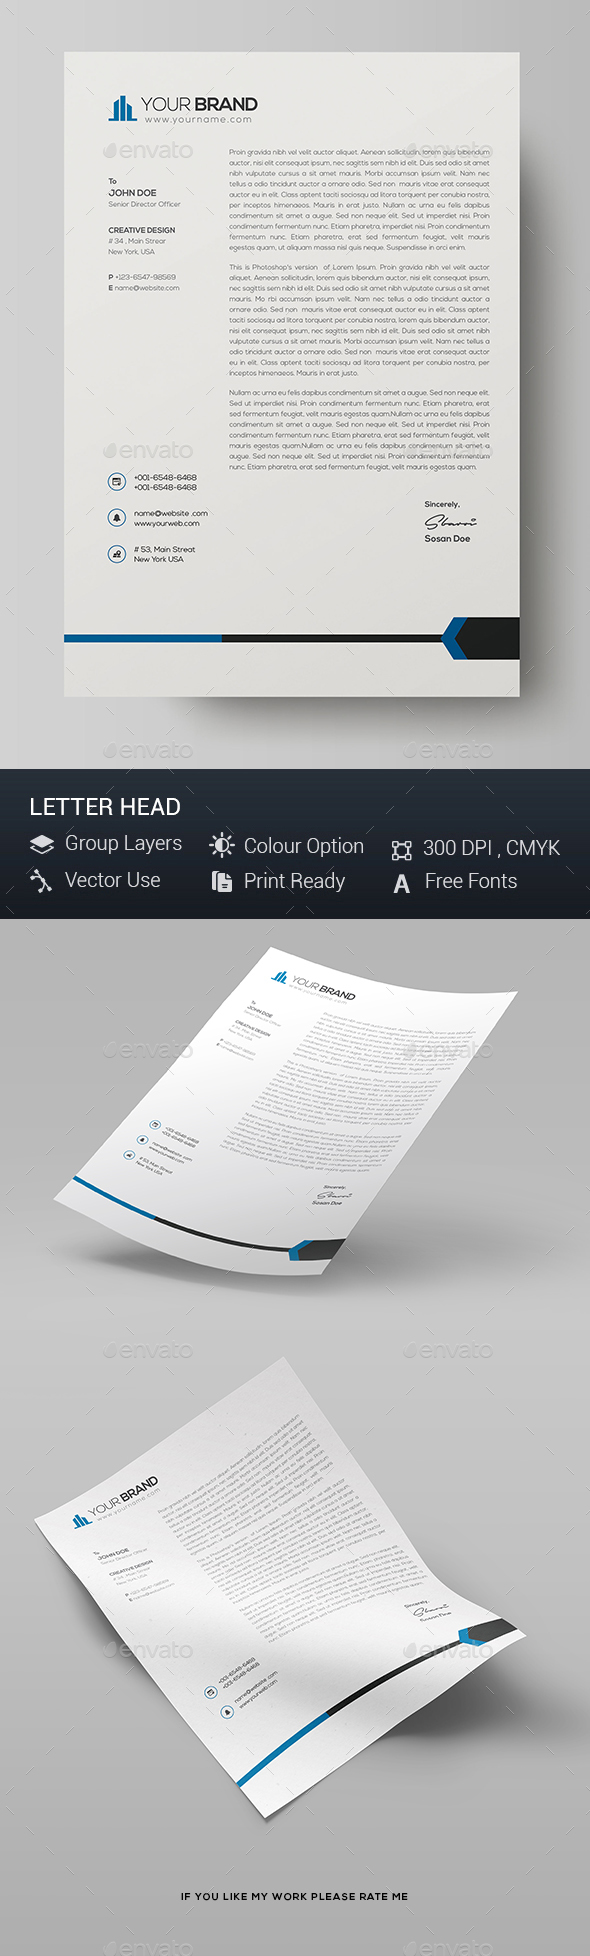 GraphicRiver Letterhead Template 21150446